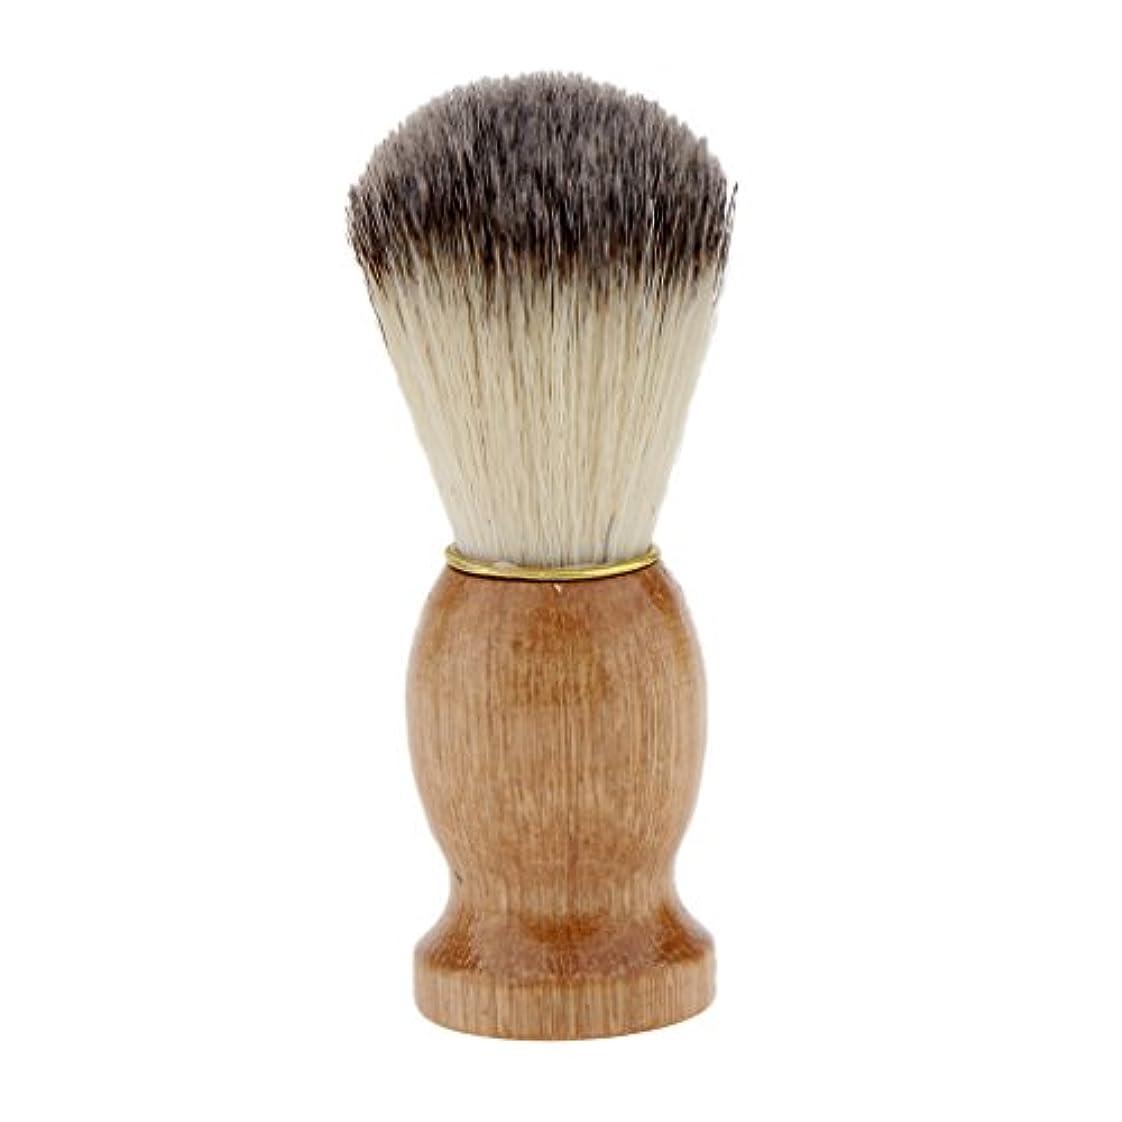 豚アーティキュレーション発行するCUTICATE シェービングブラシ 理容師 シェービングブラシ ひげ剃りブラシ コスメブラシ 木製ハンドル